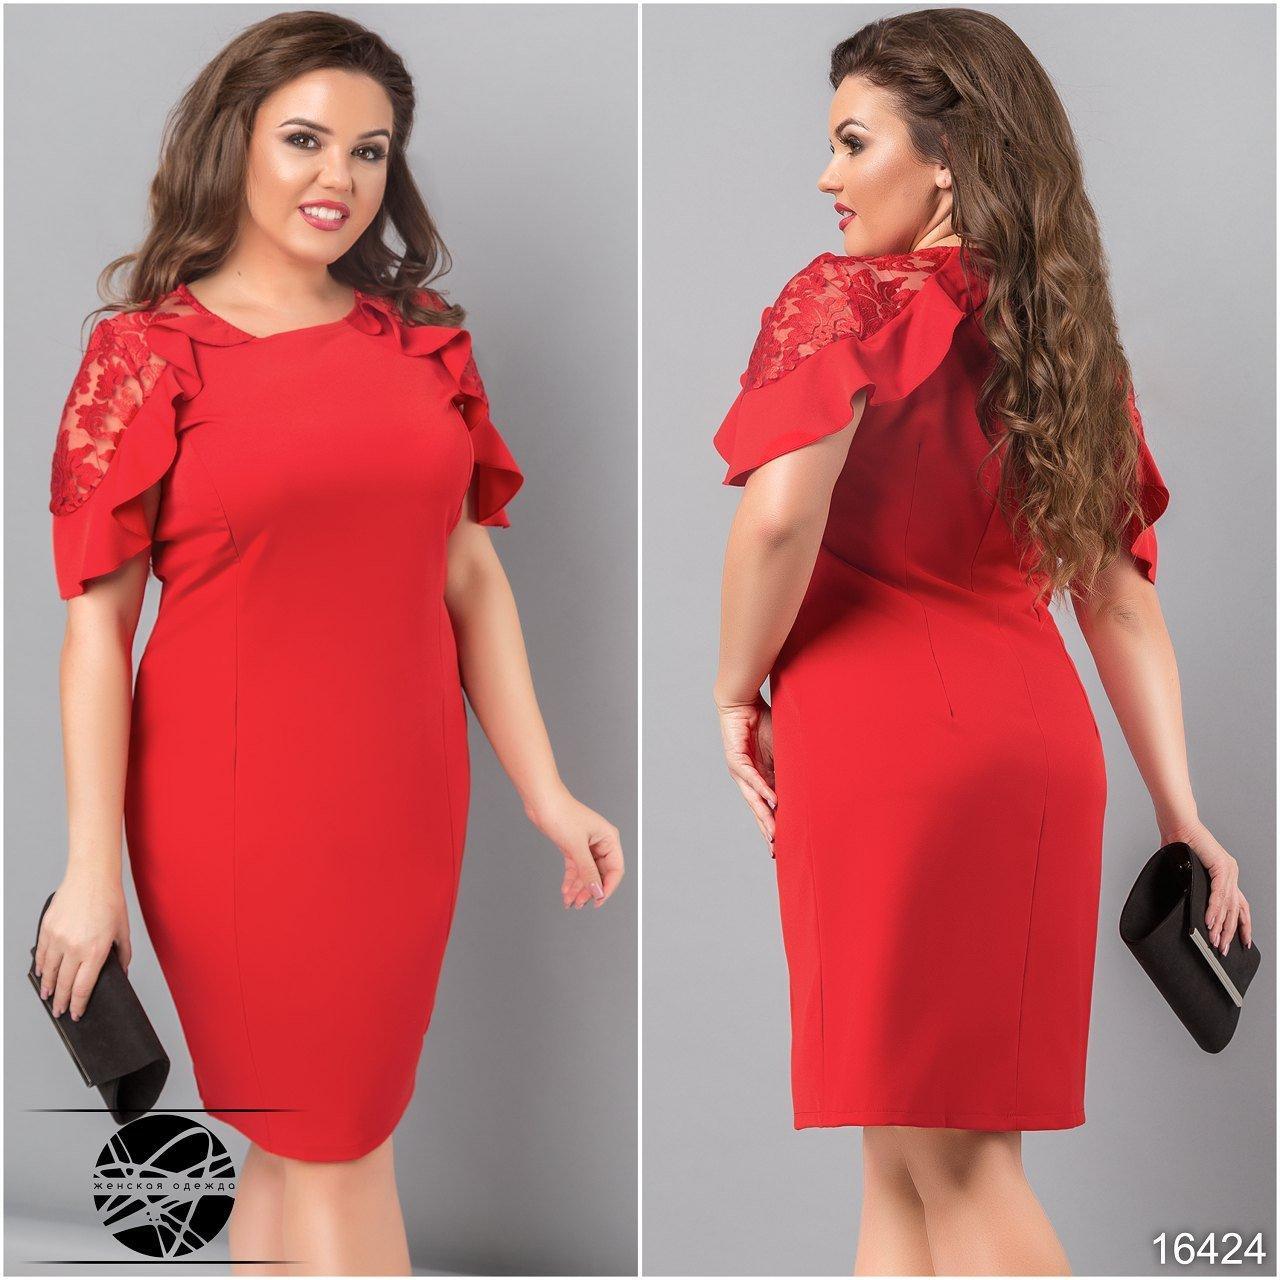 f751d8c4ac7f749 Коктейльное платье красного цвета с кружевом на рукавах. Модель 16424.  Размеры 48-54